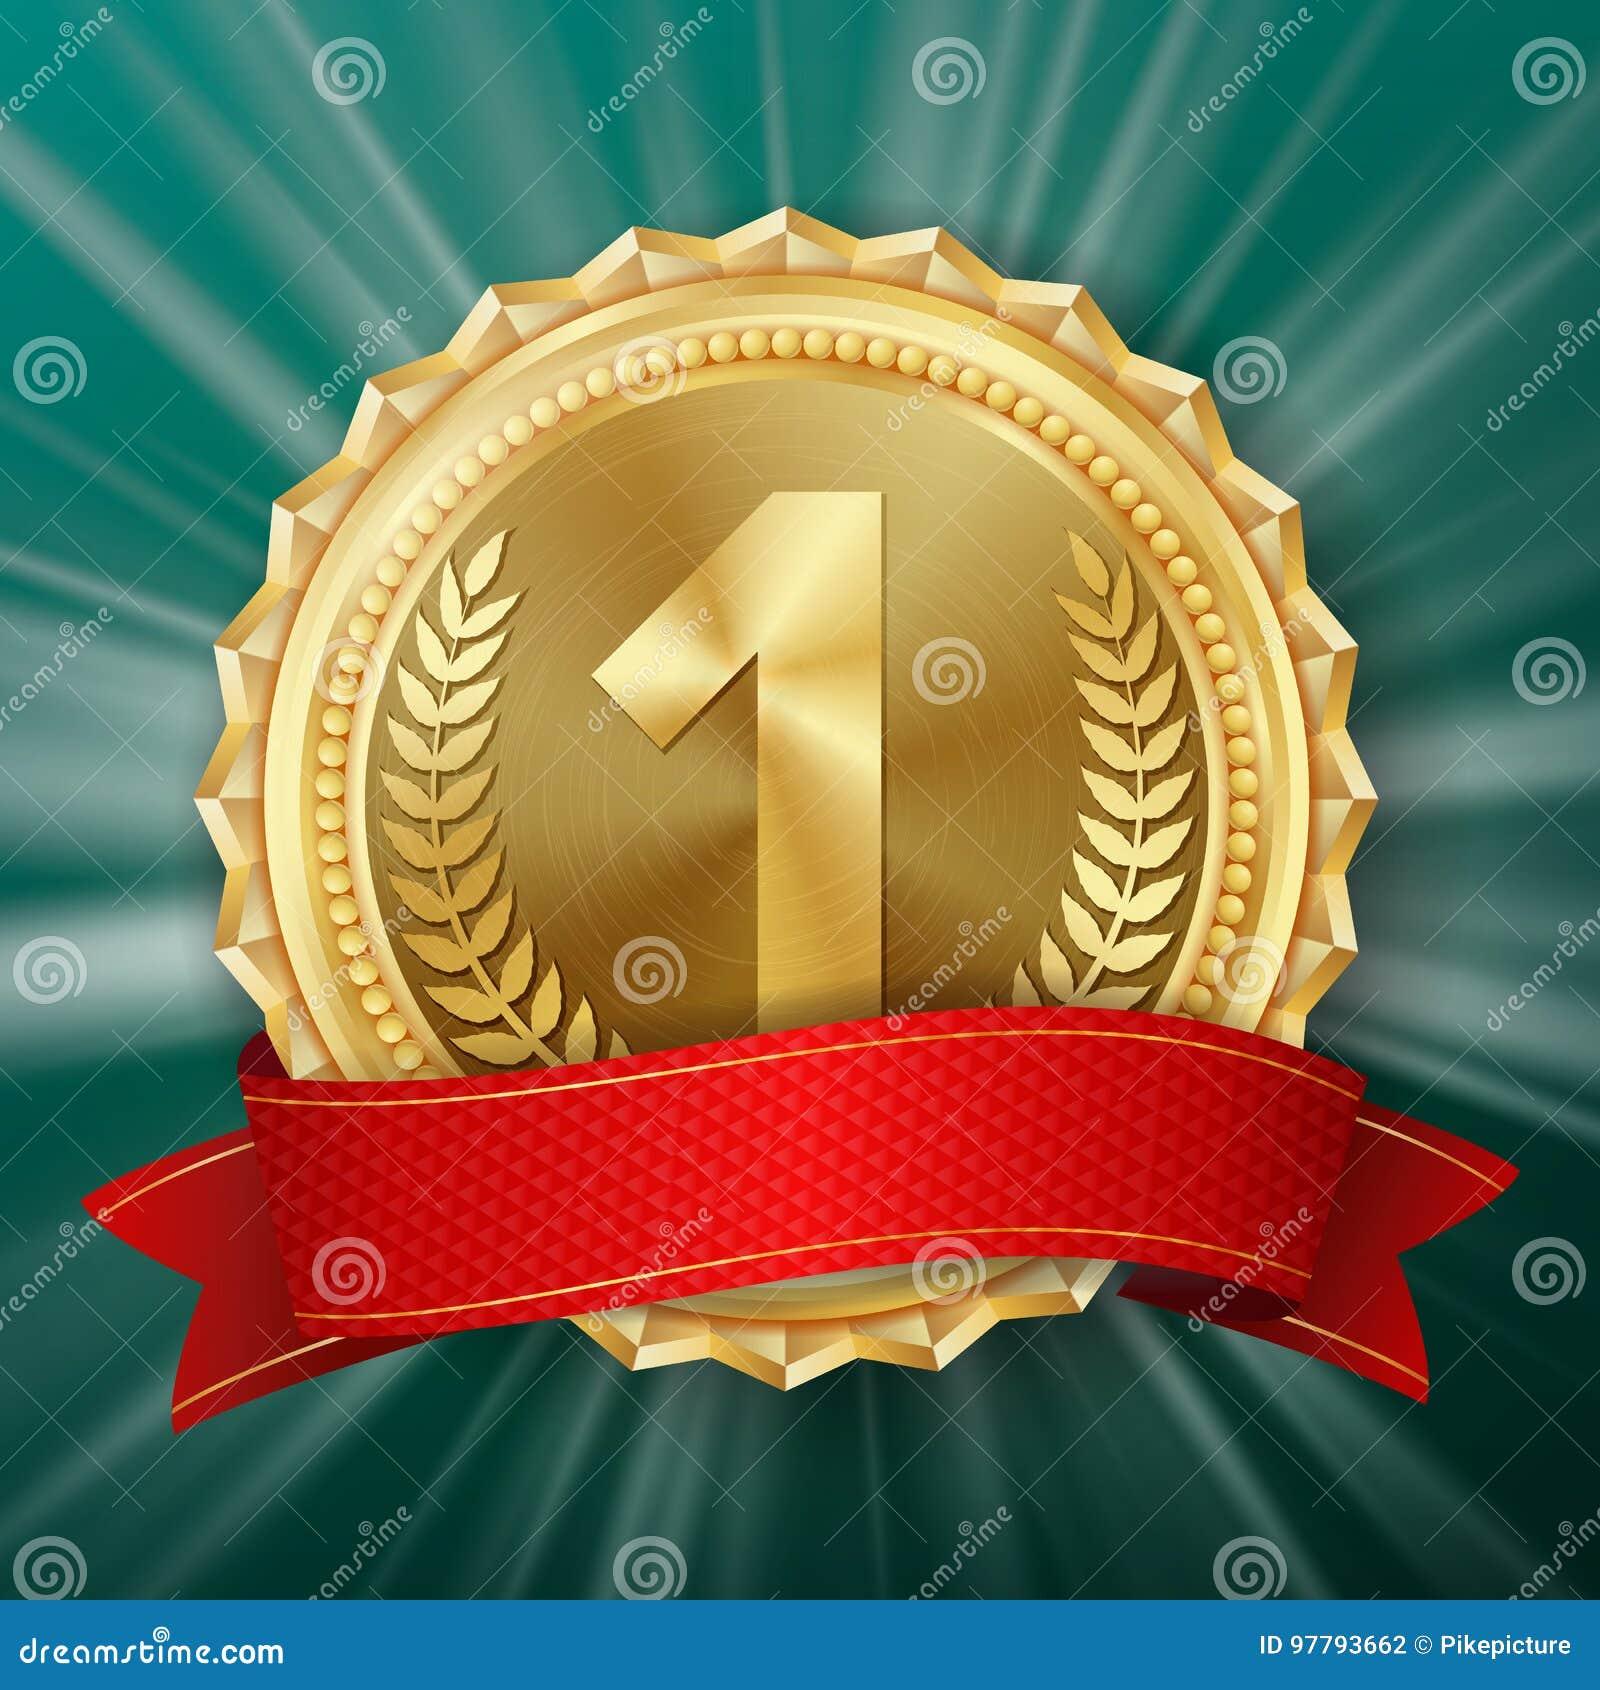 Διάνυσμα χρυσών μεταλλίων Χρυσό 1$ο διακριτικό θέσεων Μεταλλικό βραβείο νικητών κόκκινη κορδέλλα Κλαδί ελιάς ballons απεικόνιση ρ